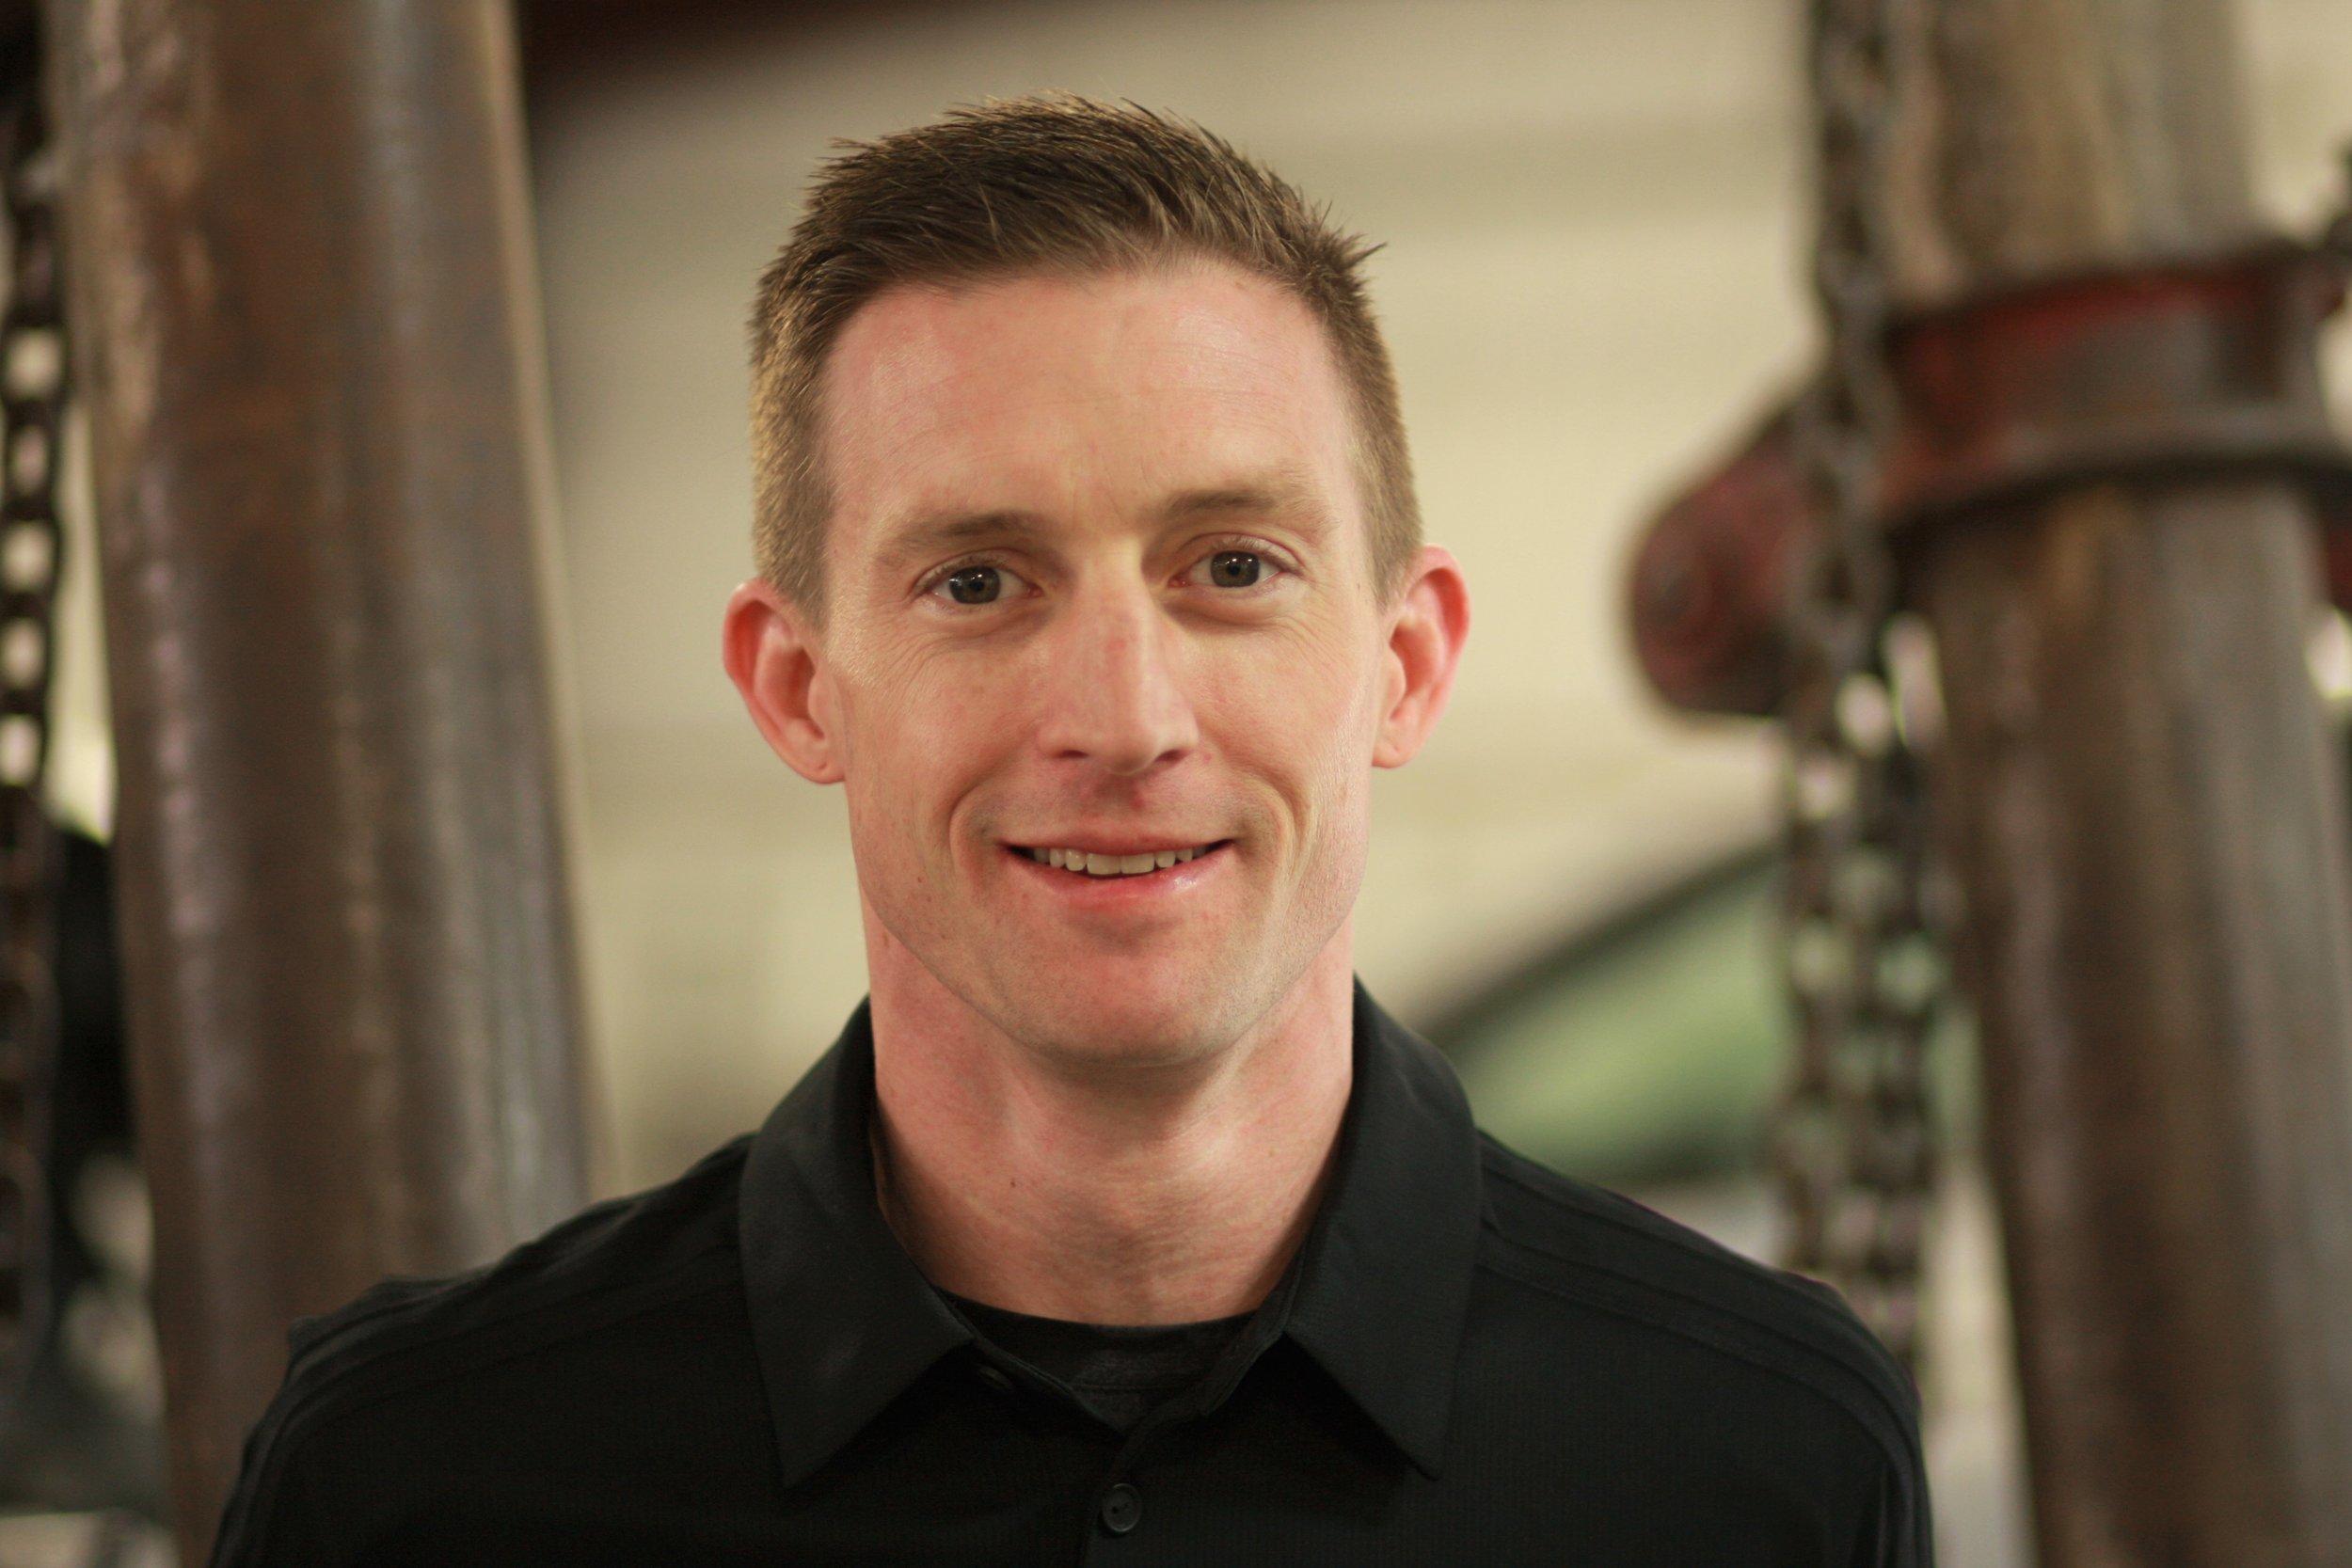 David Borgstrom - Auto Body Repair Technician